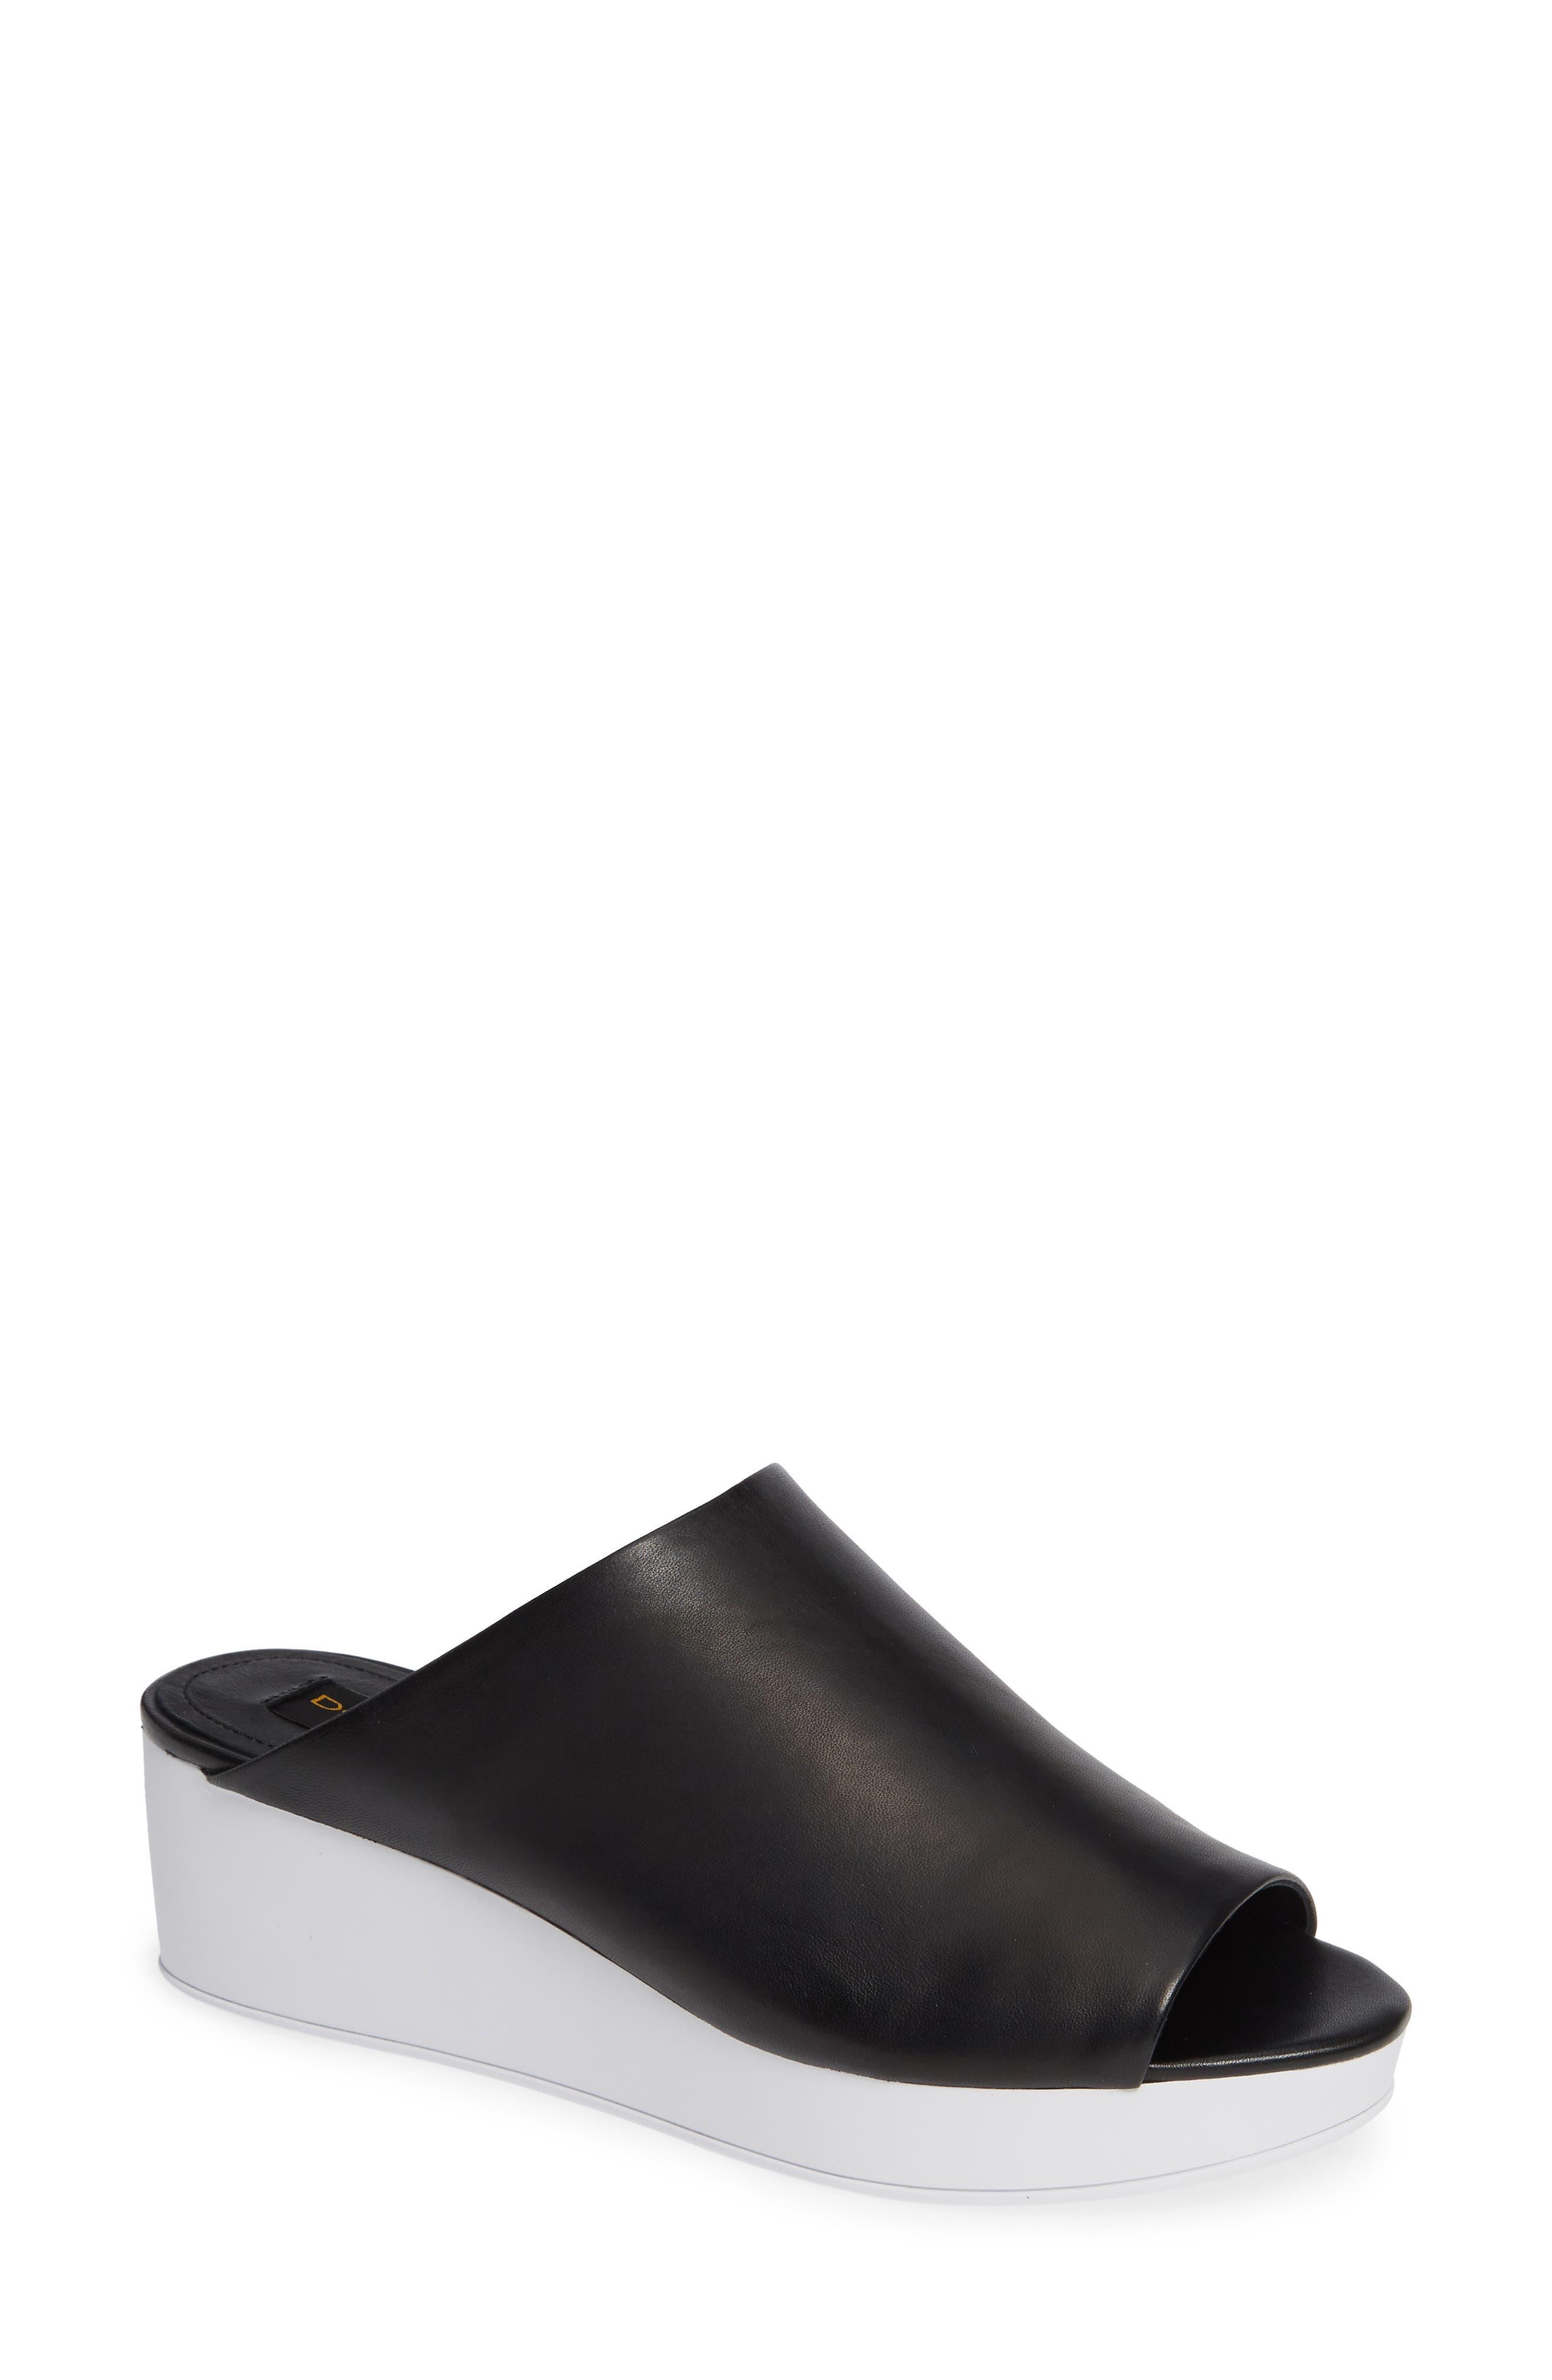 Donna Karan Reisley Wedge Slide Sandal,                         Main,                         color, BLACK LEATHER